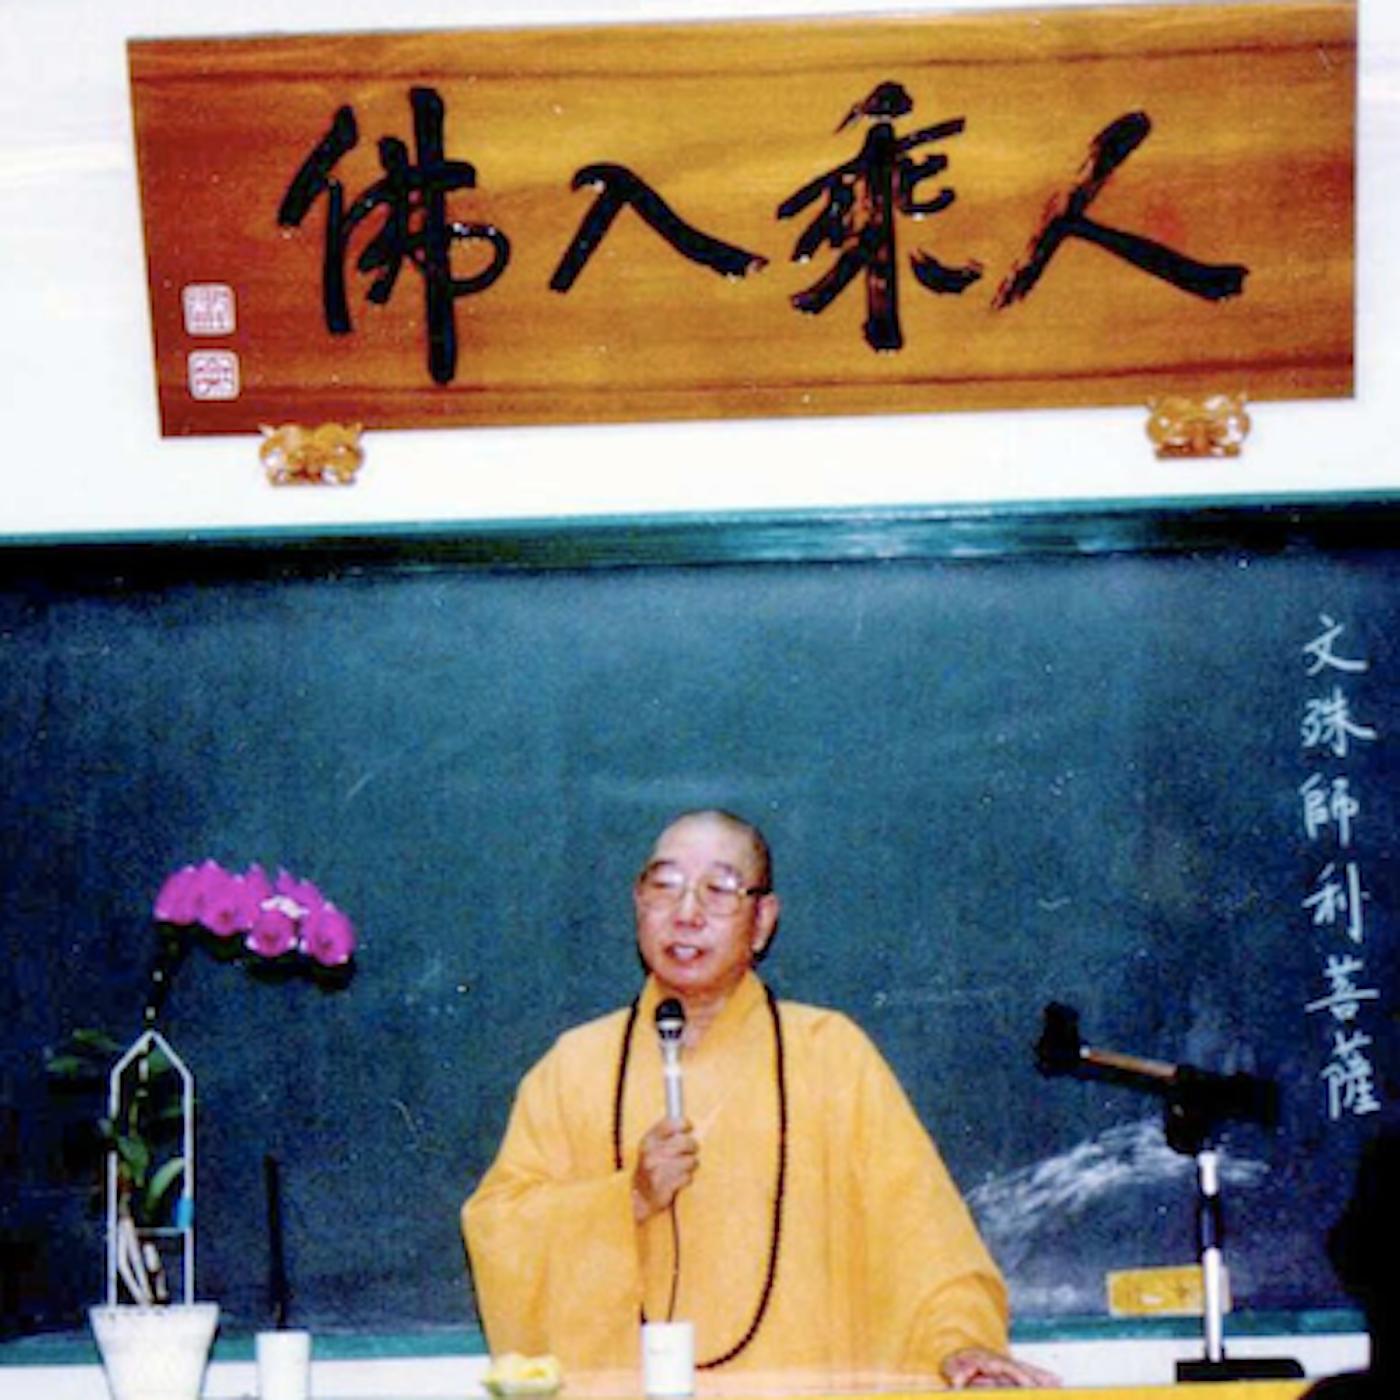 唯佛宗世界人乘佛教